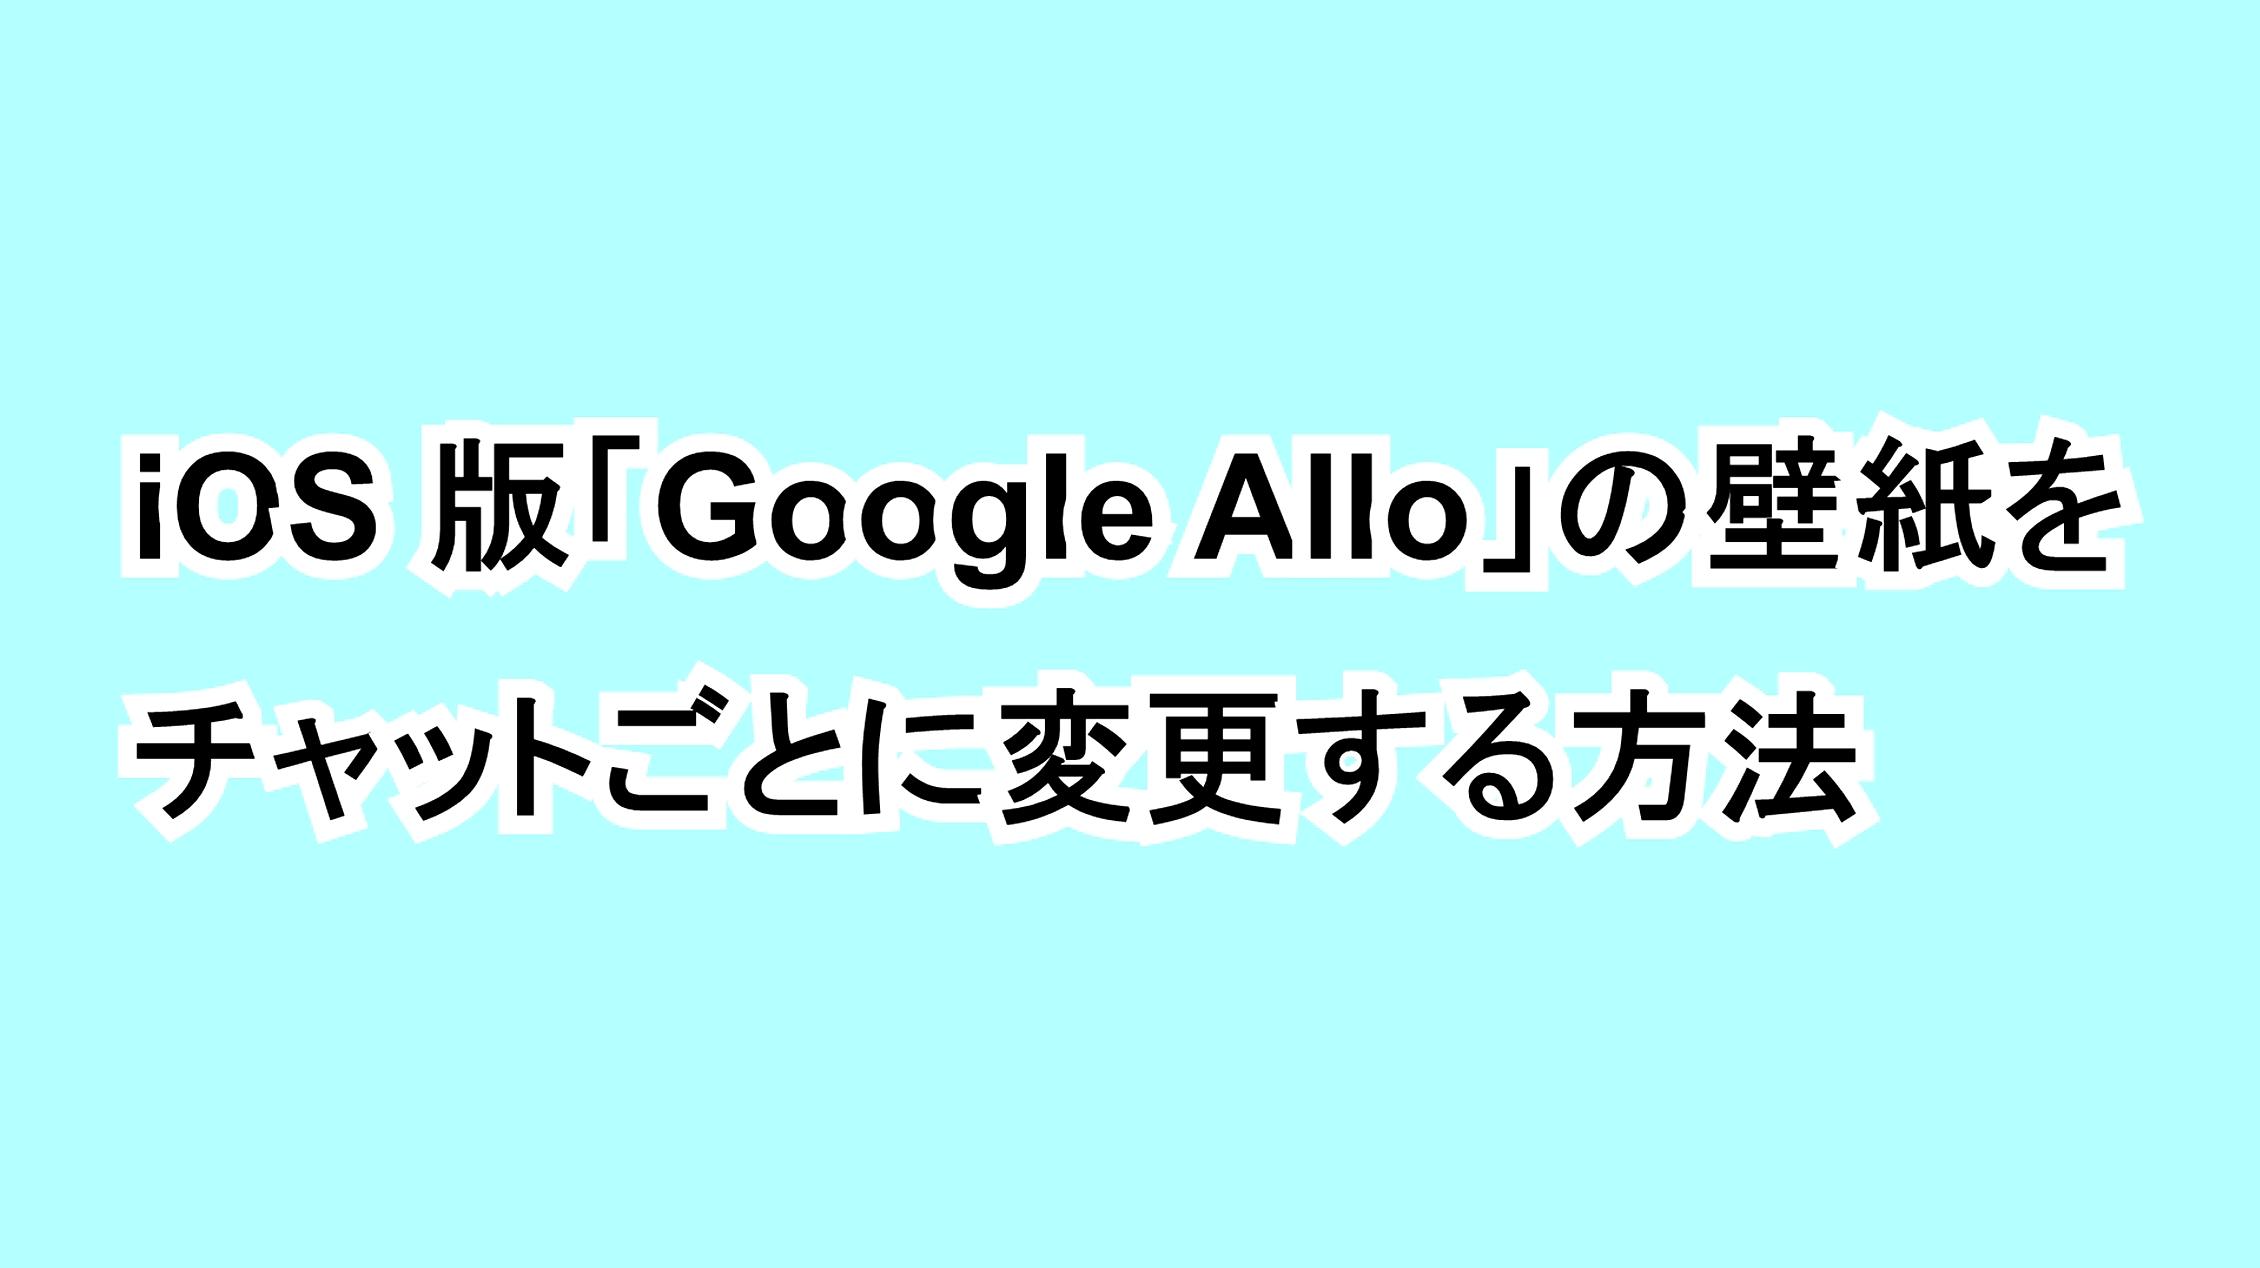 iOS版「Google Allo」の壁紙をチャットごとに変更する方法